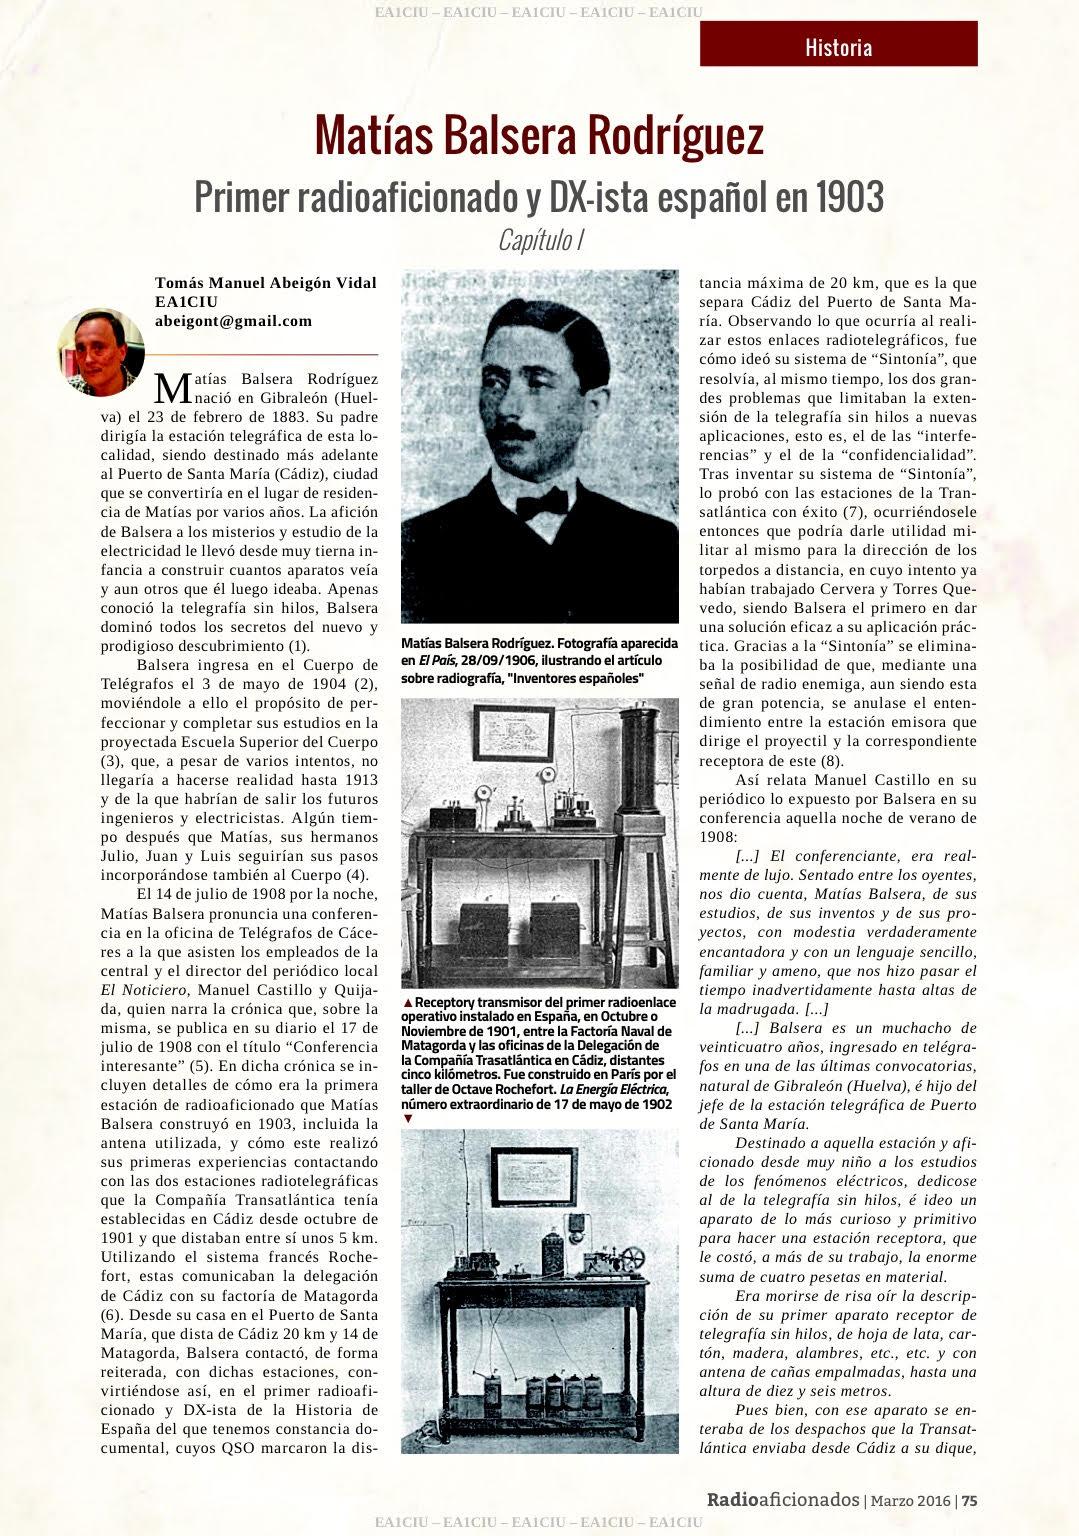 Conoce al primer Radioaficionado Español